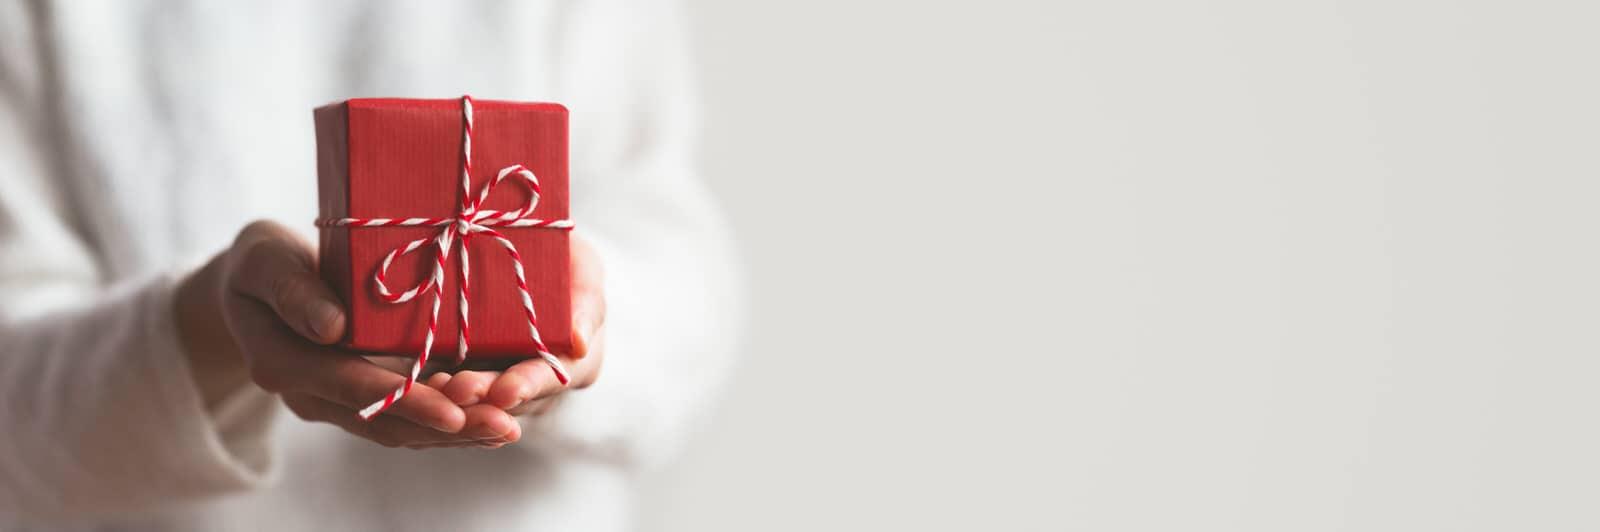 Eine Frau hält ein verpacktes Geschenk in der Hand und überreicht es